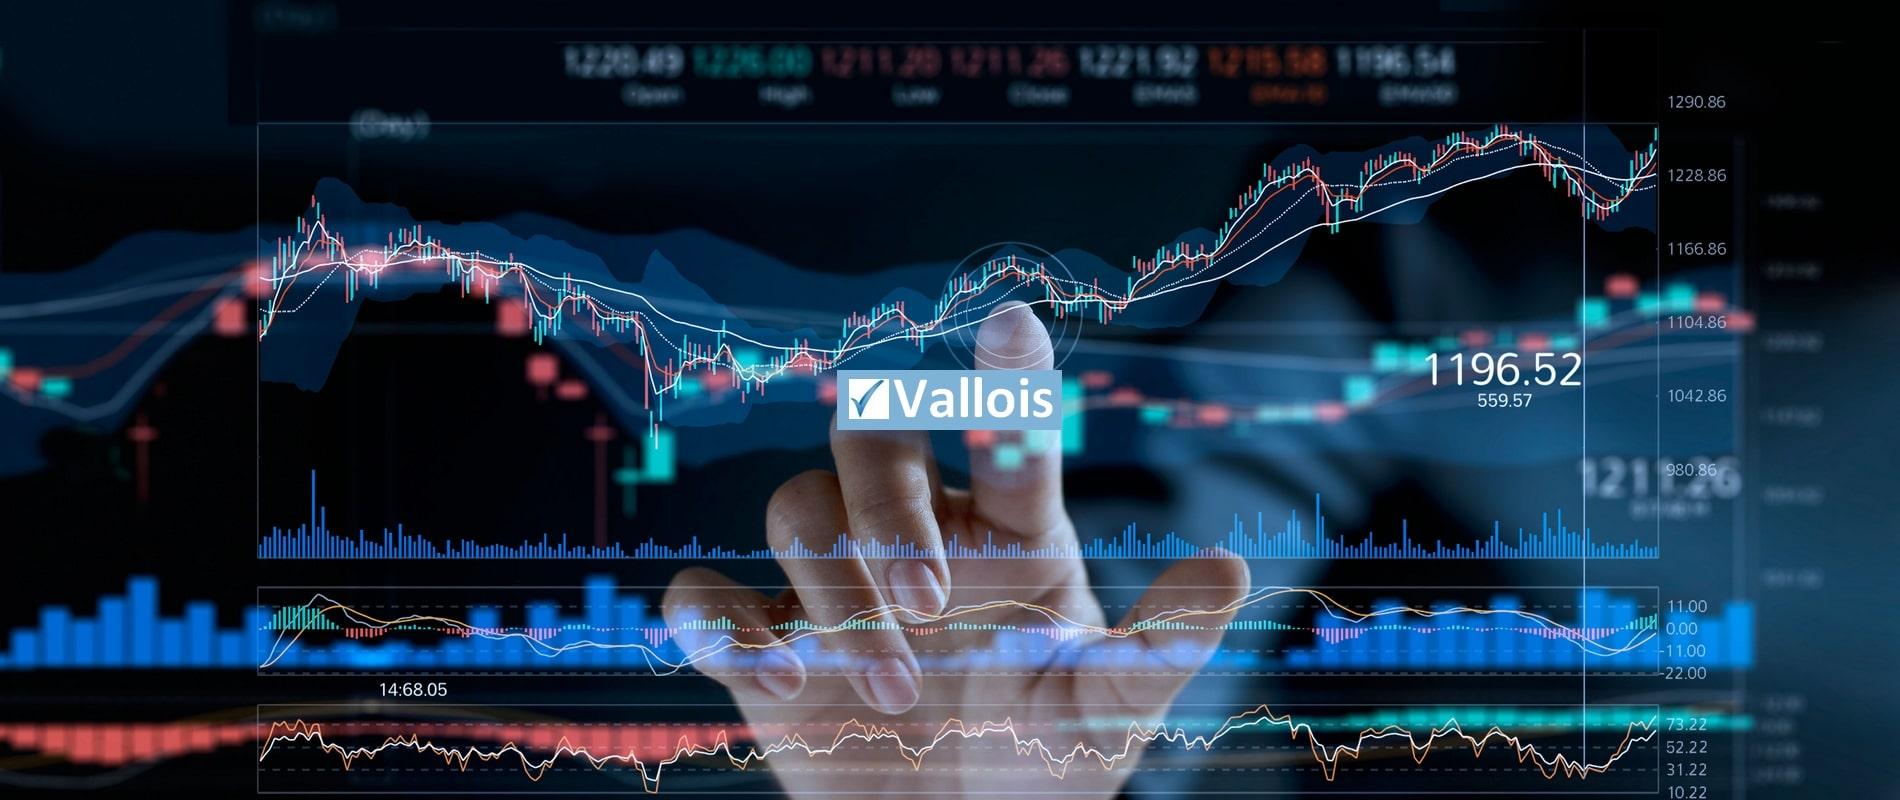 Comment assurer les risques financiers d'une entreprise ?